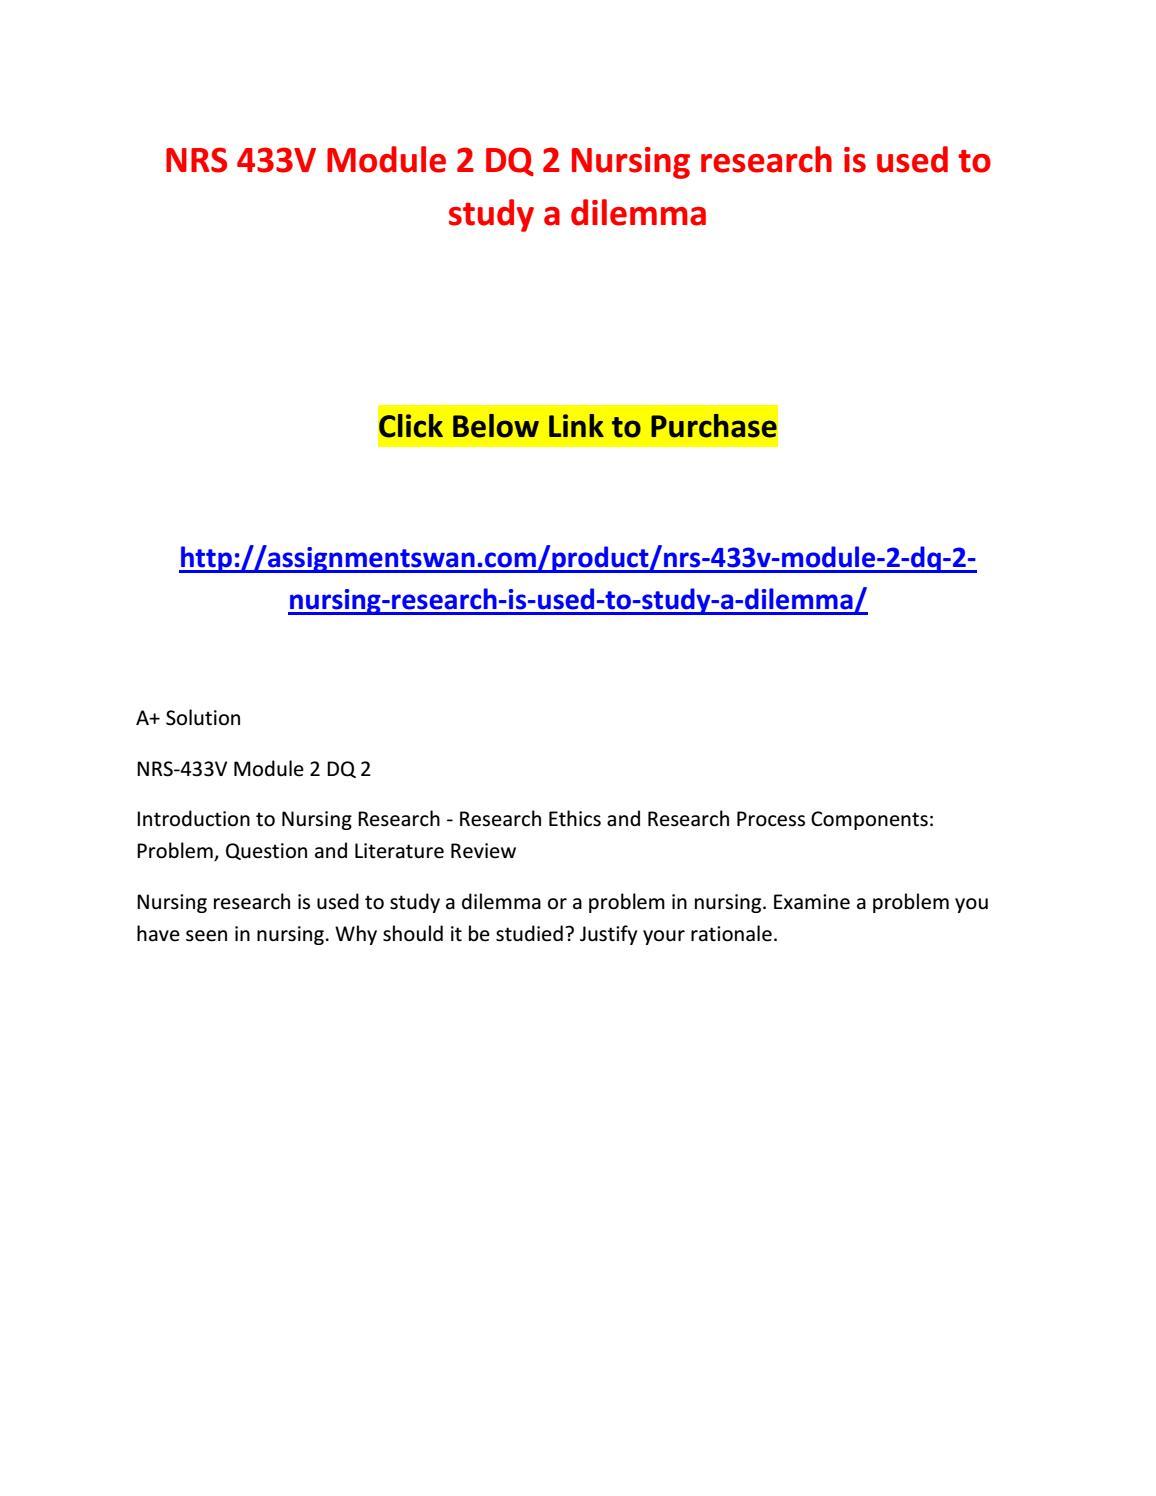 nrs 433v qualitative study critique